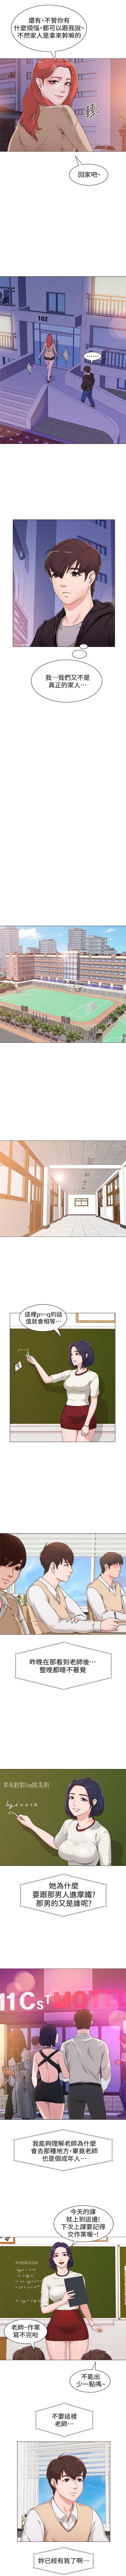 (周3)老师 1-56 中文翻译(更新中) 13